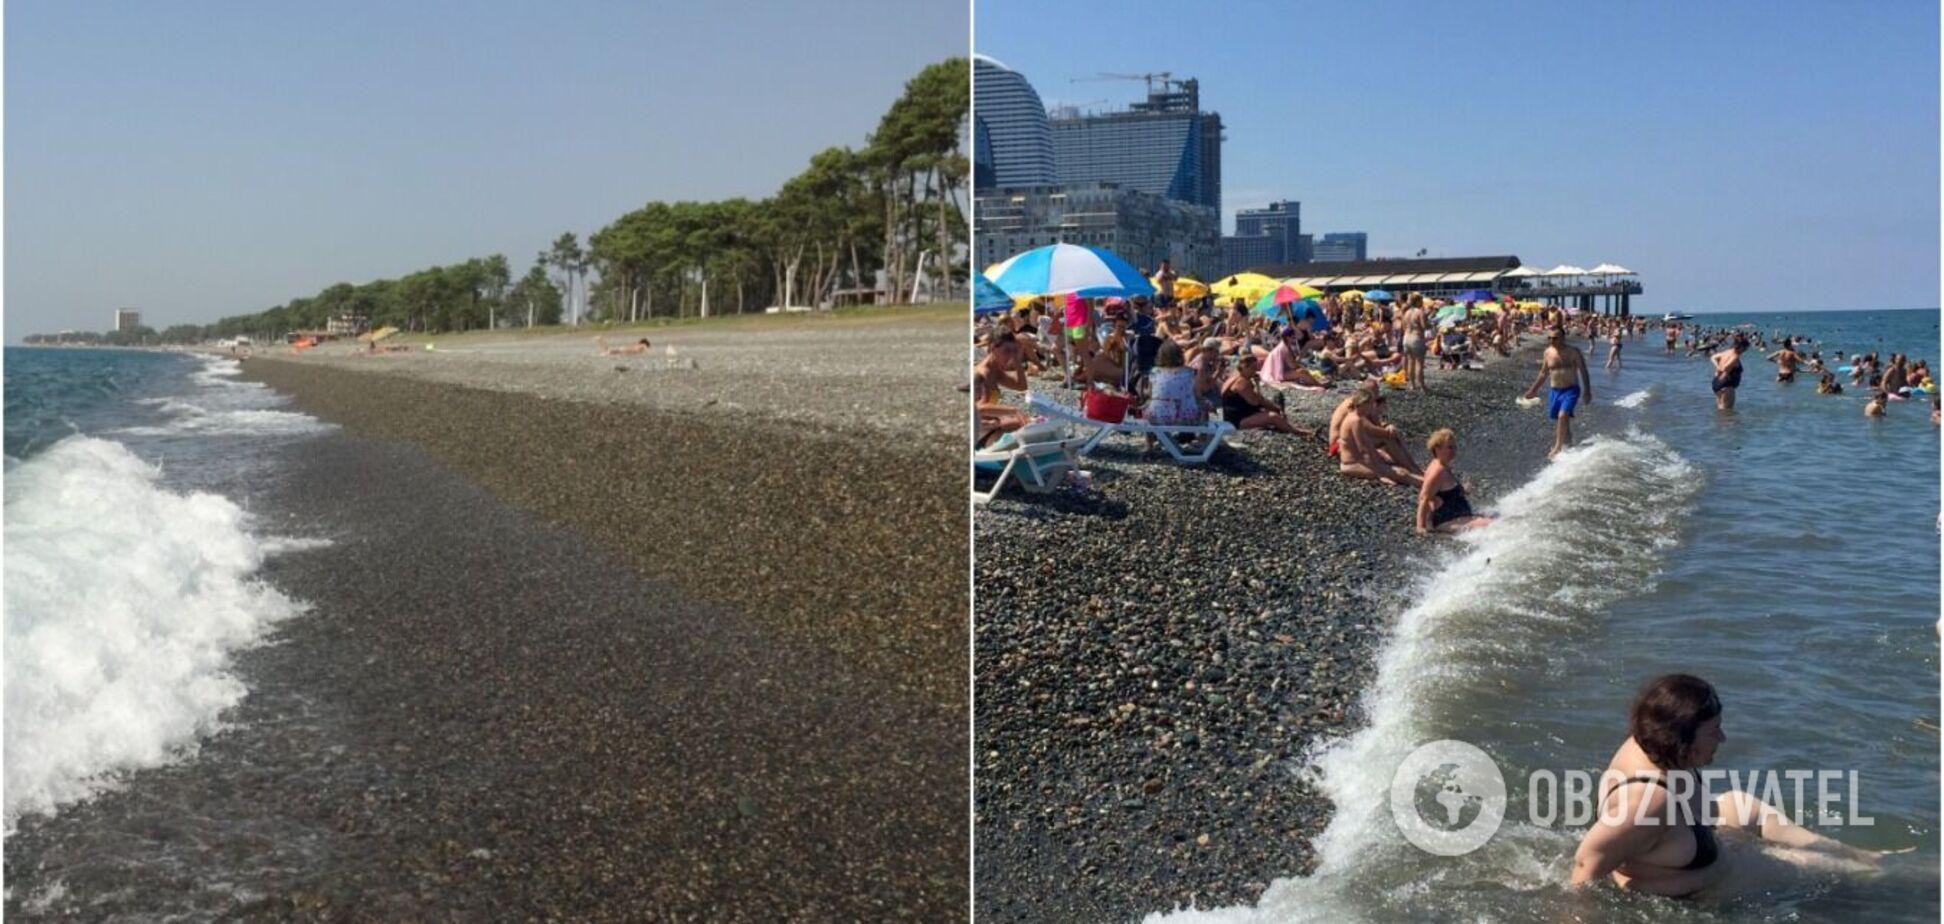 Самые худшие пляжи Грузии, которых следует избегать во время отдыха. Фото